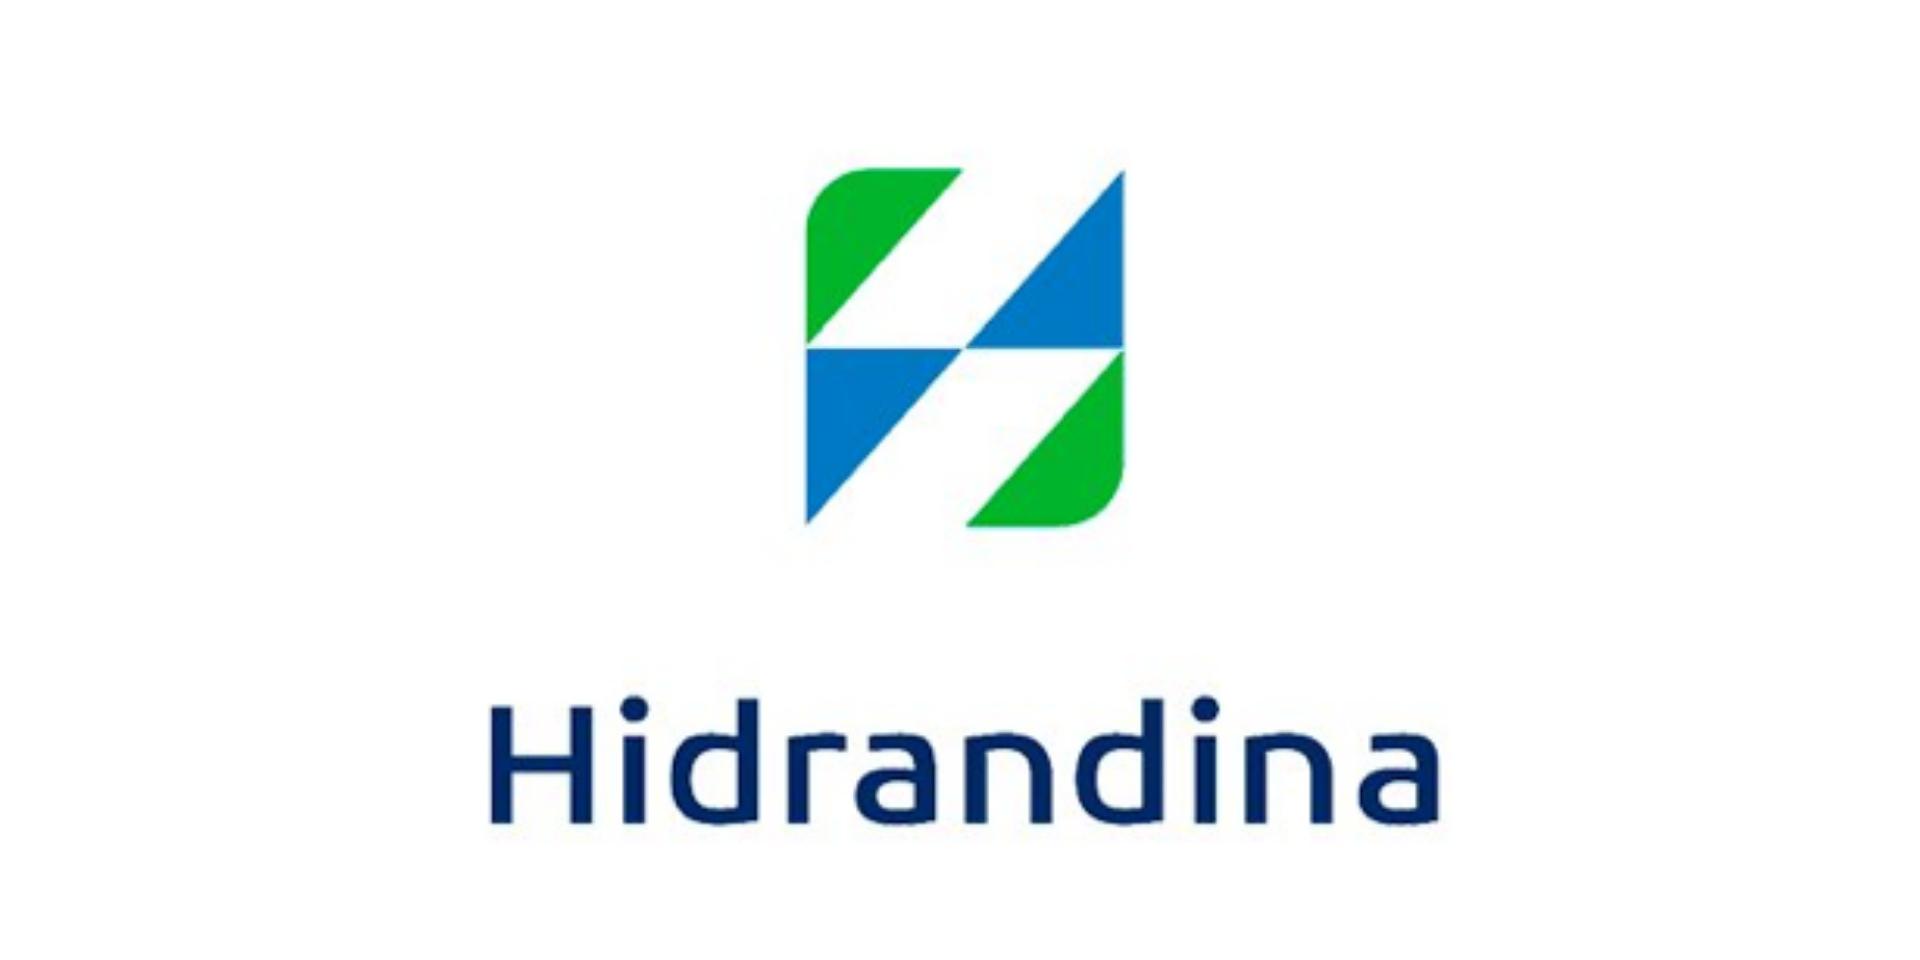 Hidrandina S.A.